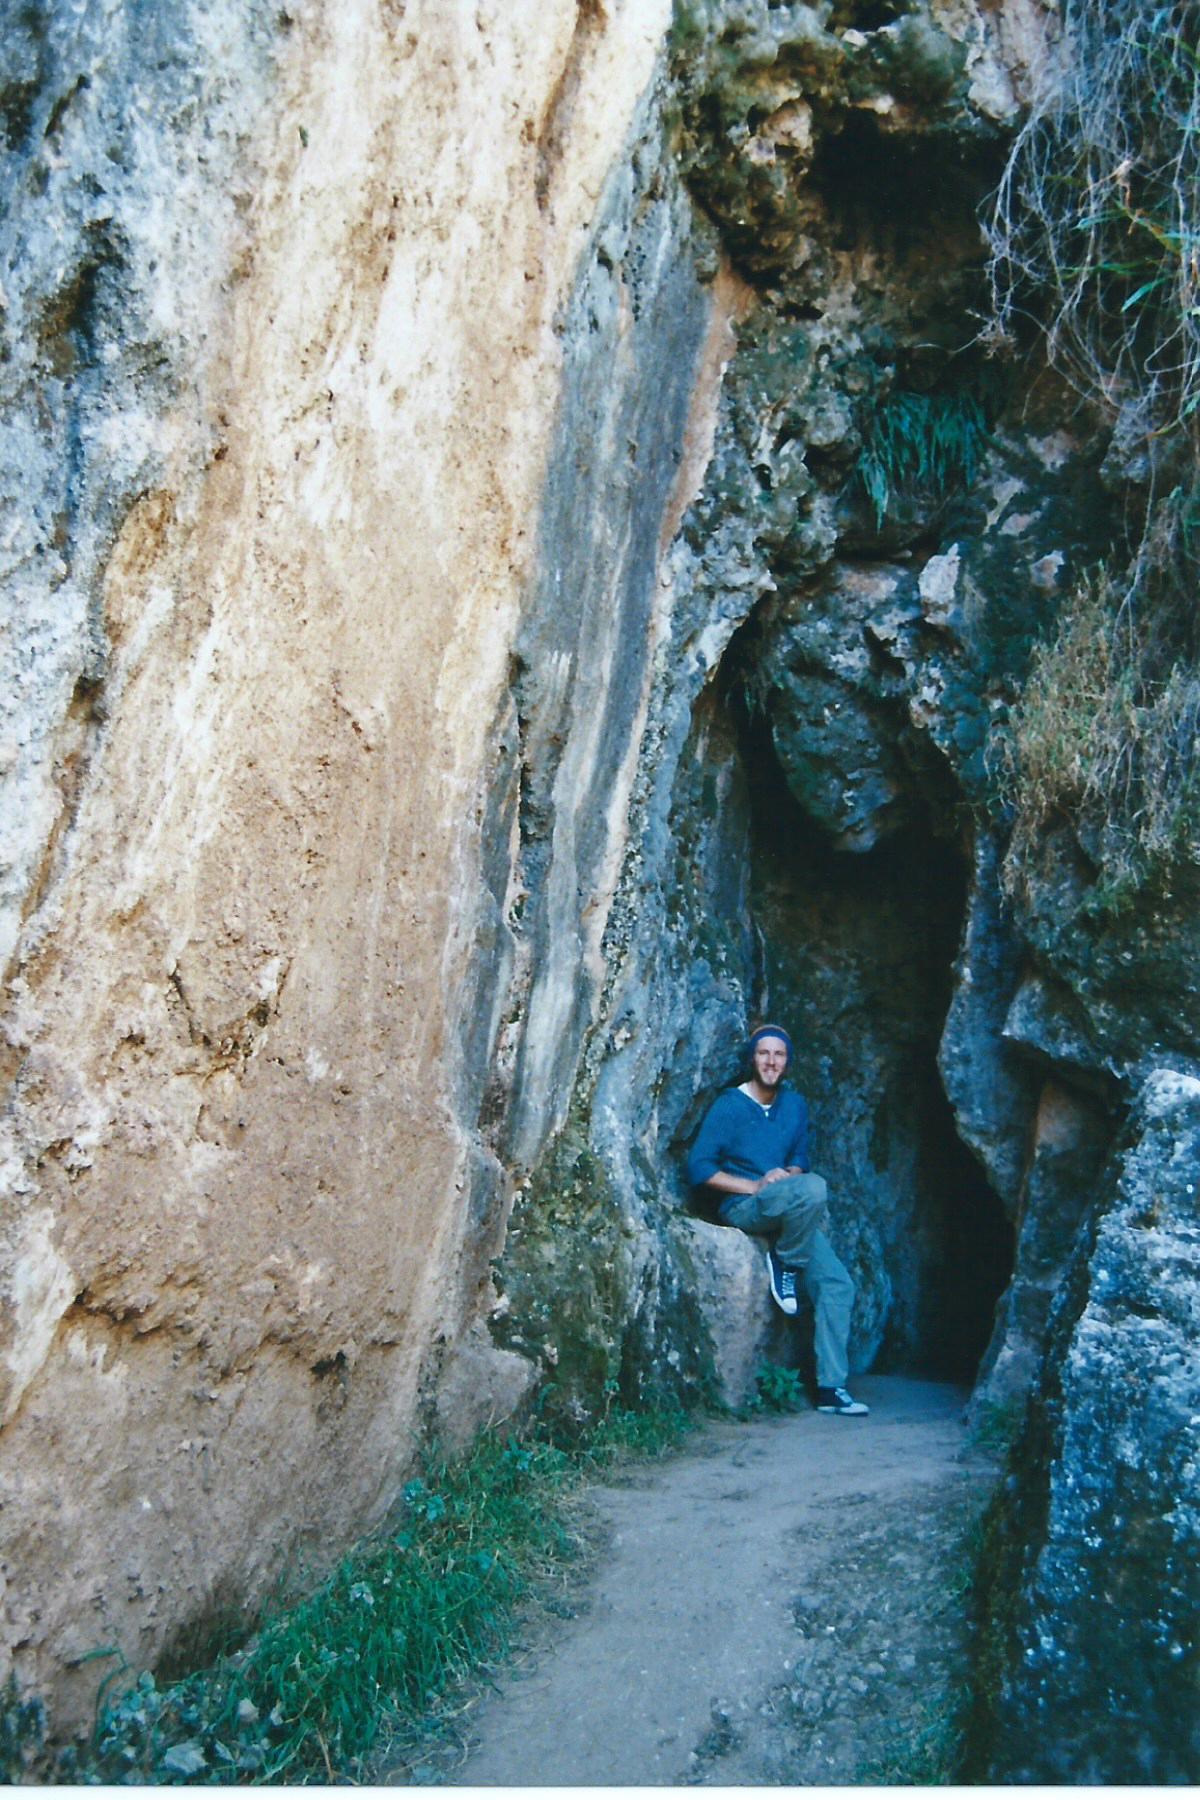 Die Tempel sind in natürliche Felsformationen integriert